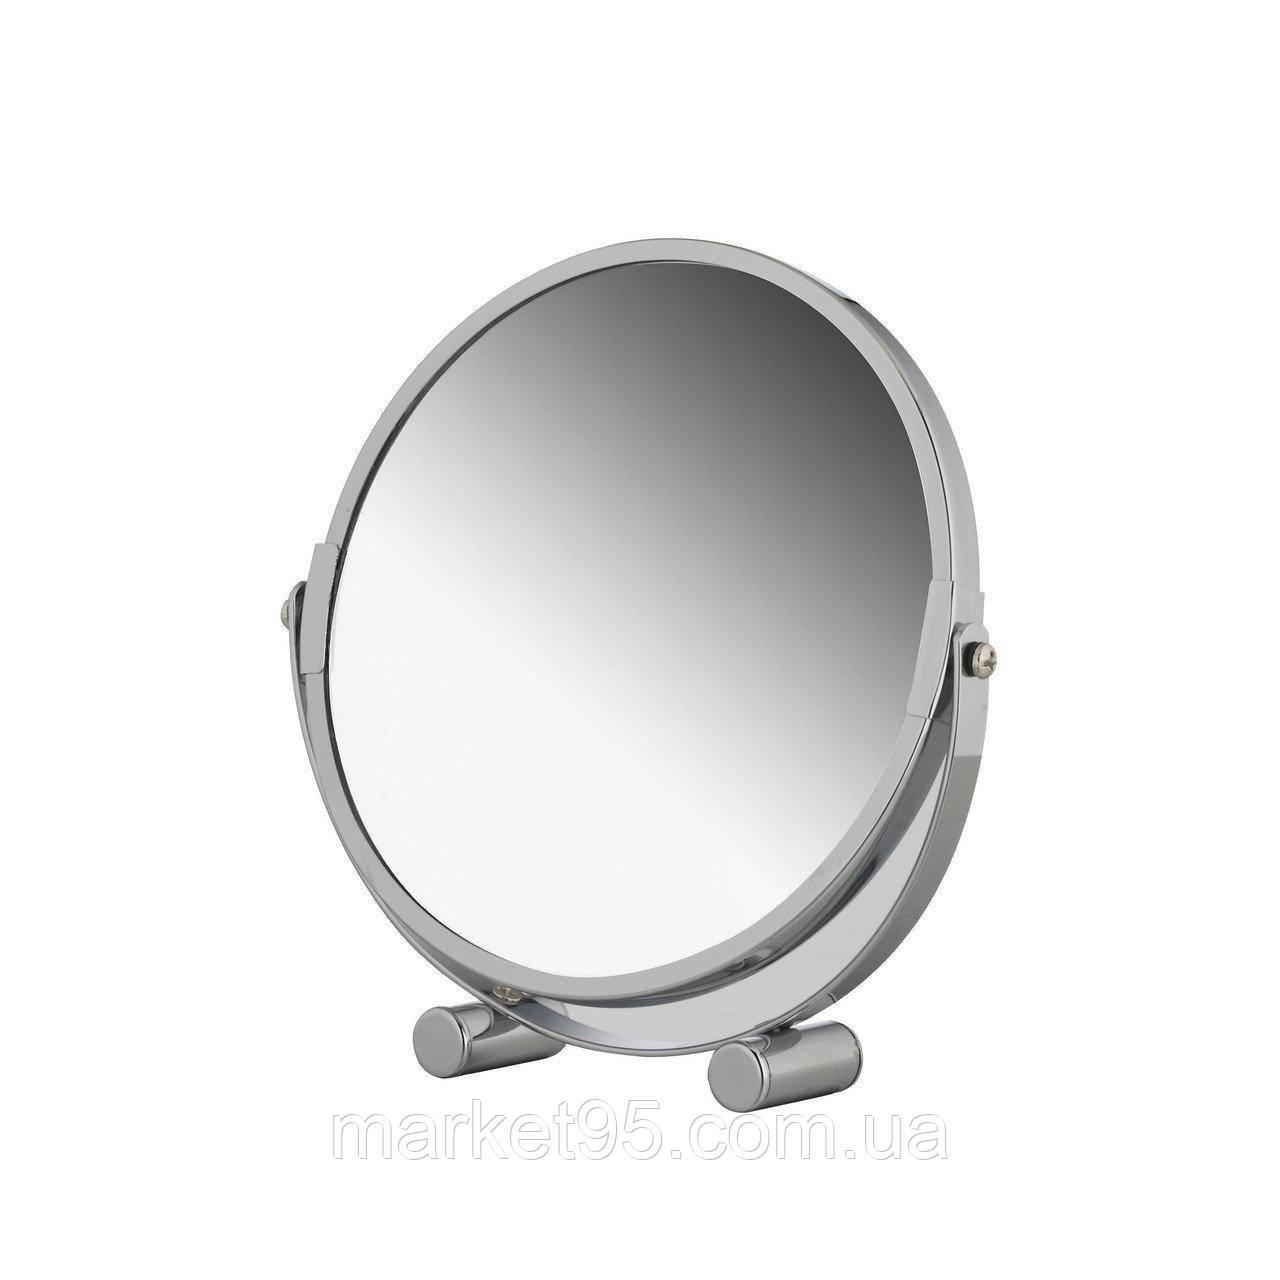 Косметичне дзеркало 19x4x19 см